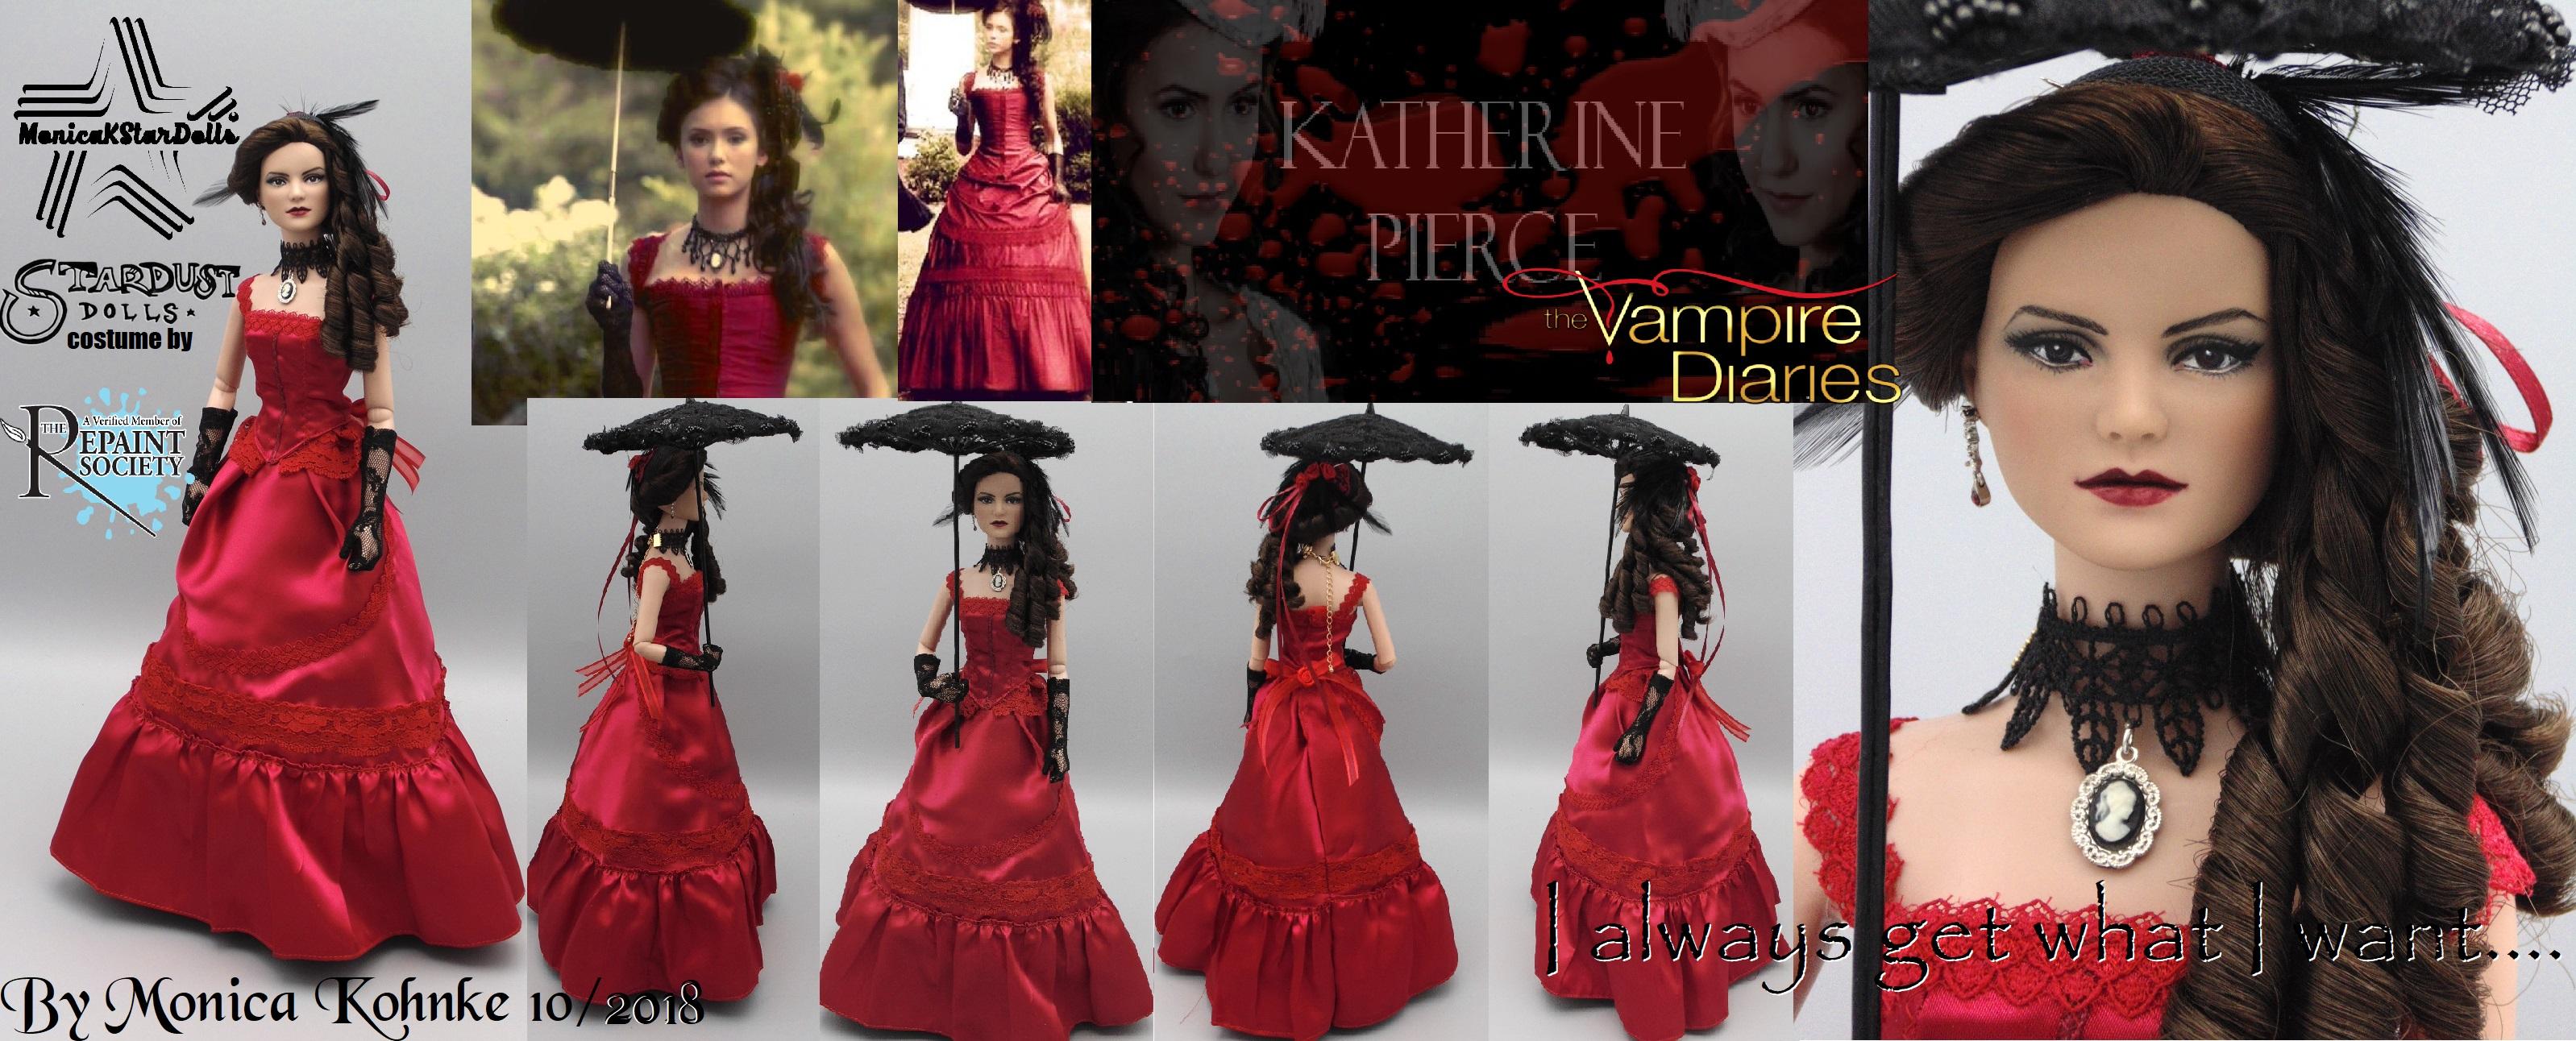 Katherine Pierce TVD